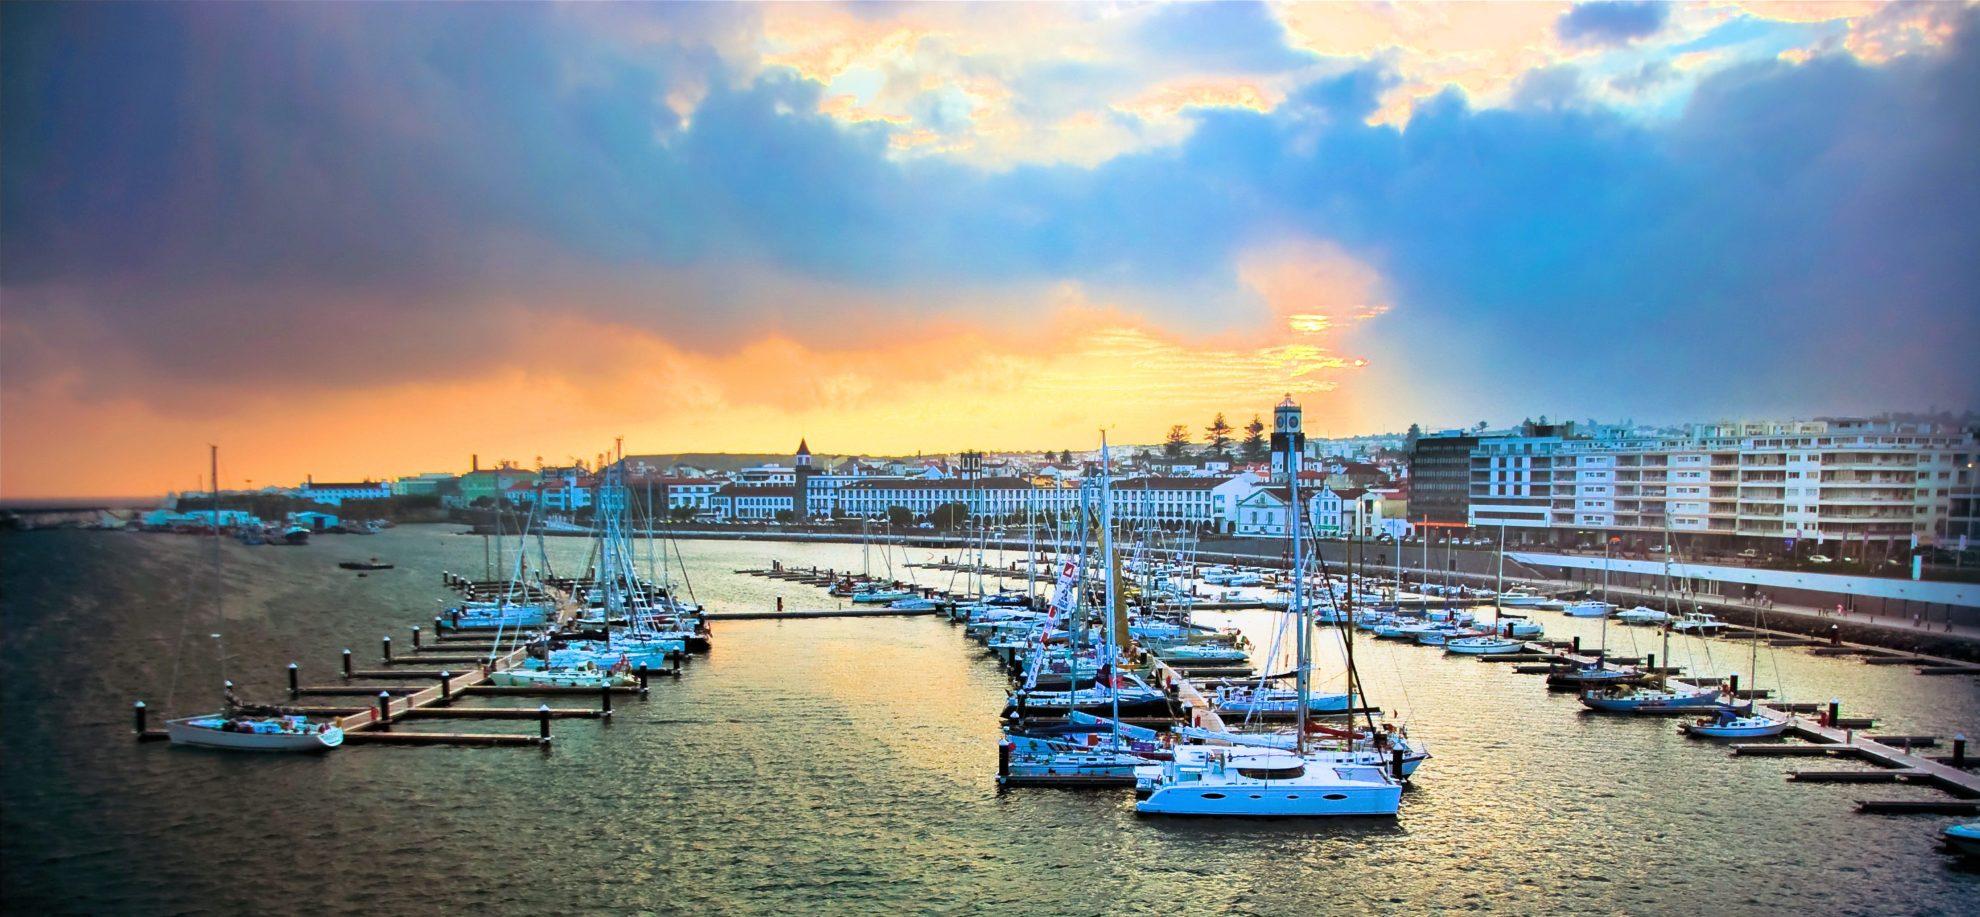 Marina de Ponta Delgada